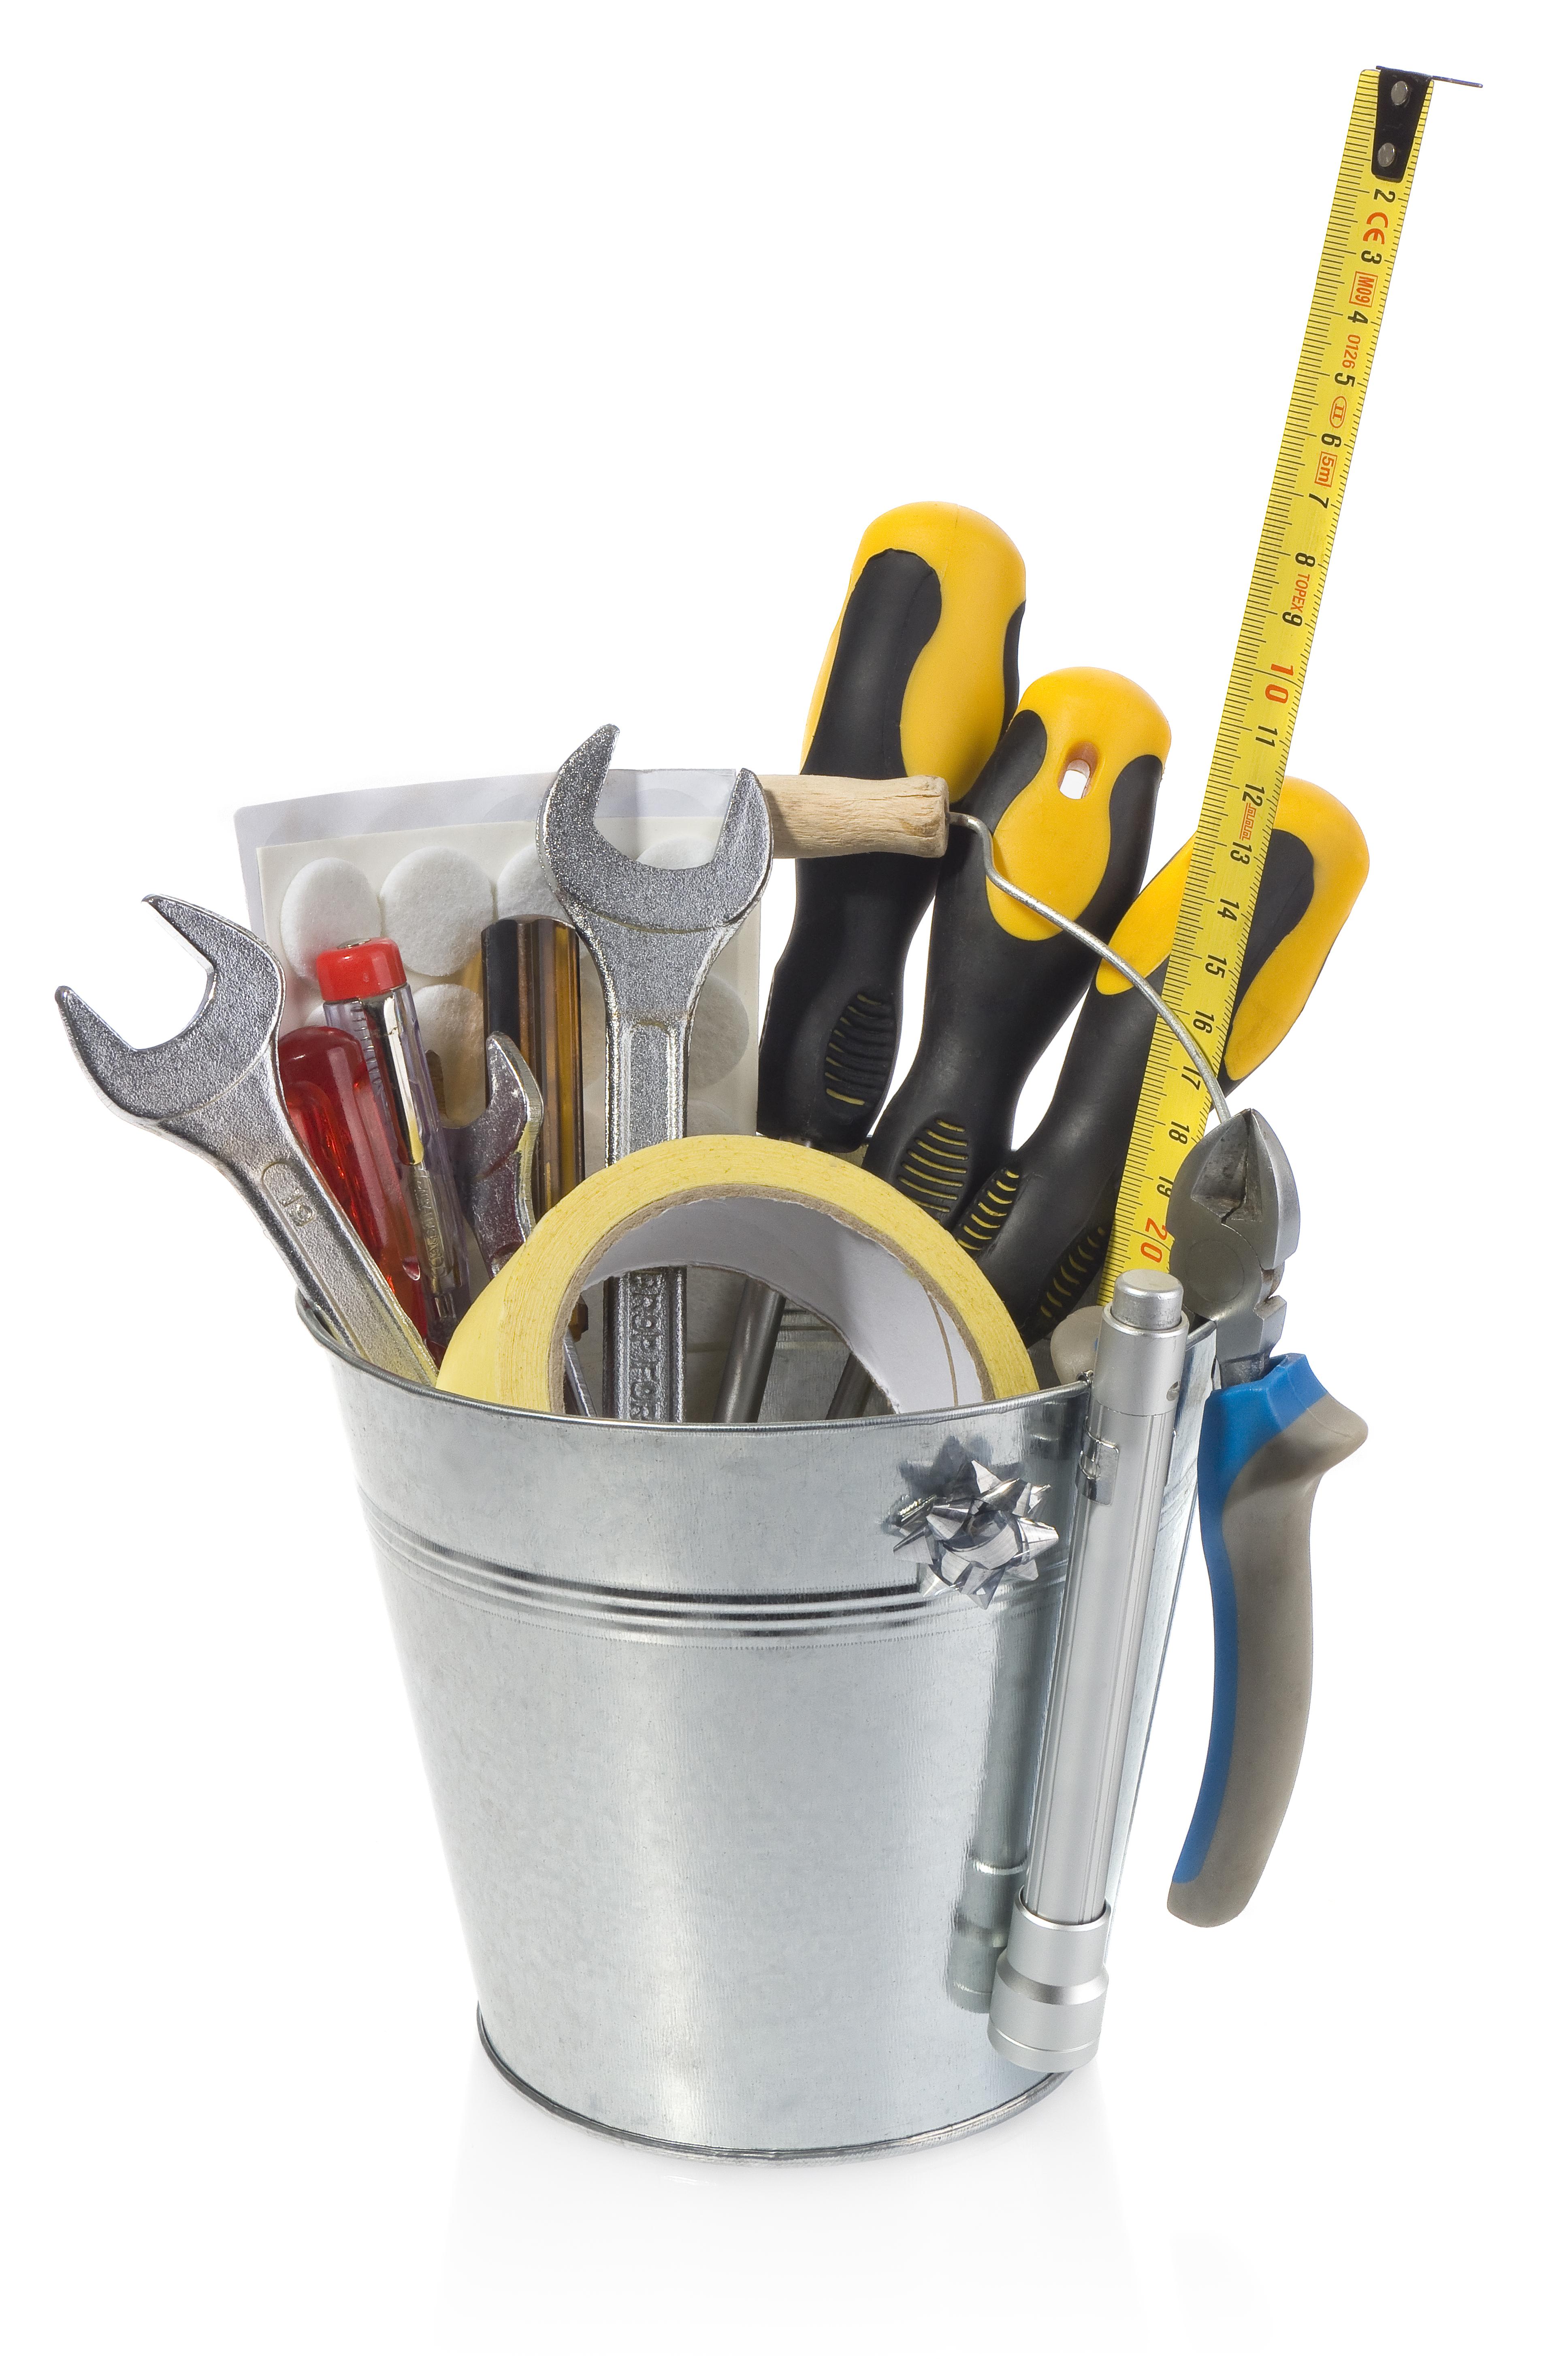 Tool bucket